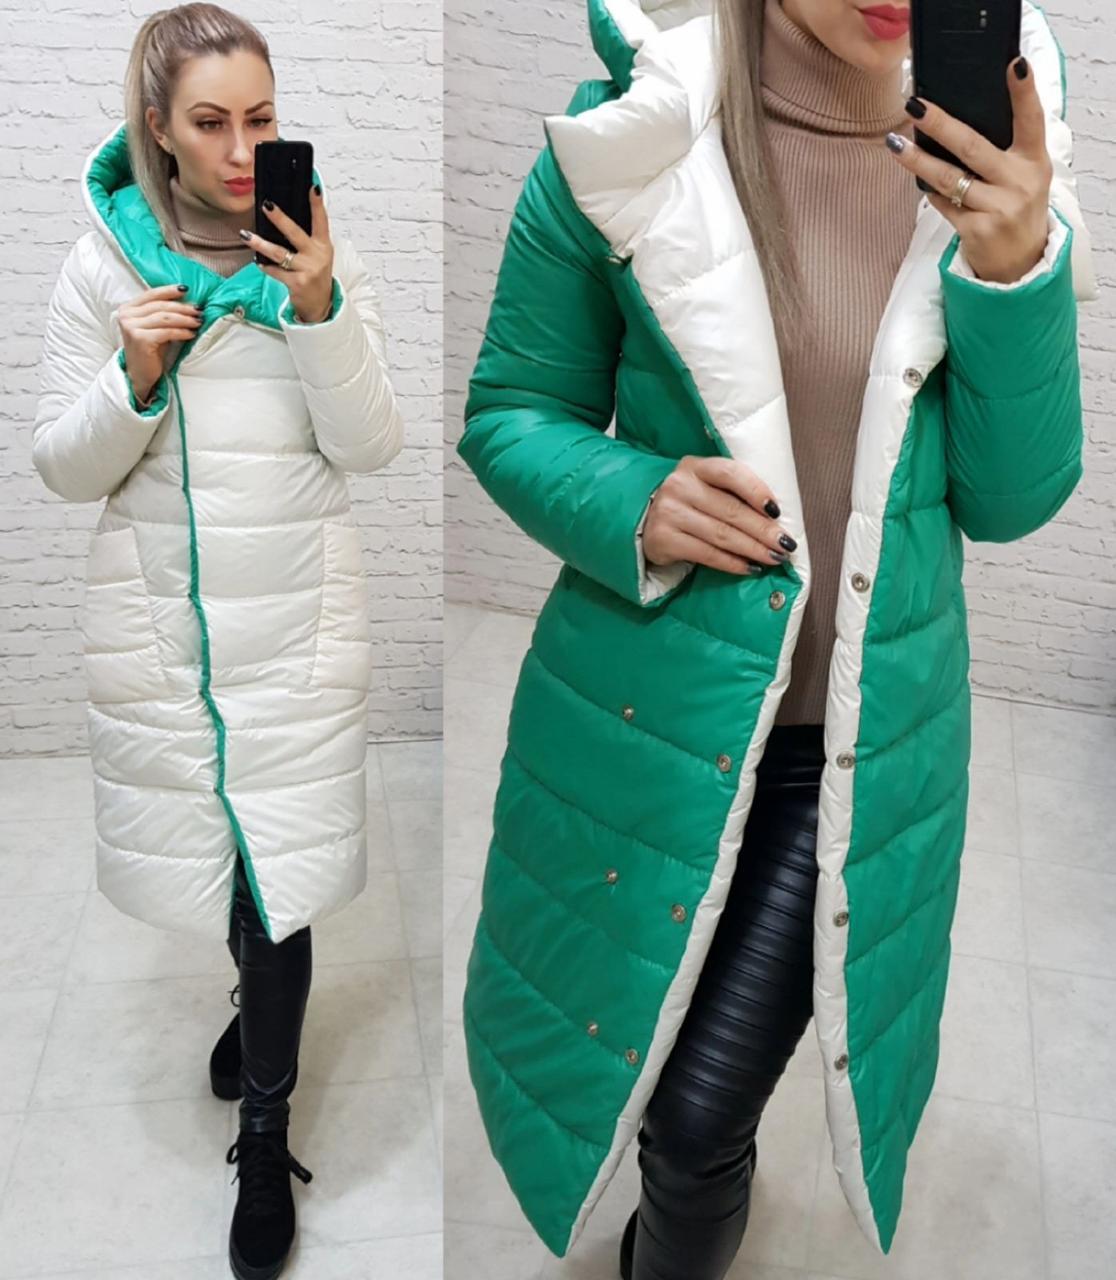 Куртка евро зима двусторонняя с капюшоном арт. 1007 молочный с изумрудно зеленым